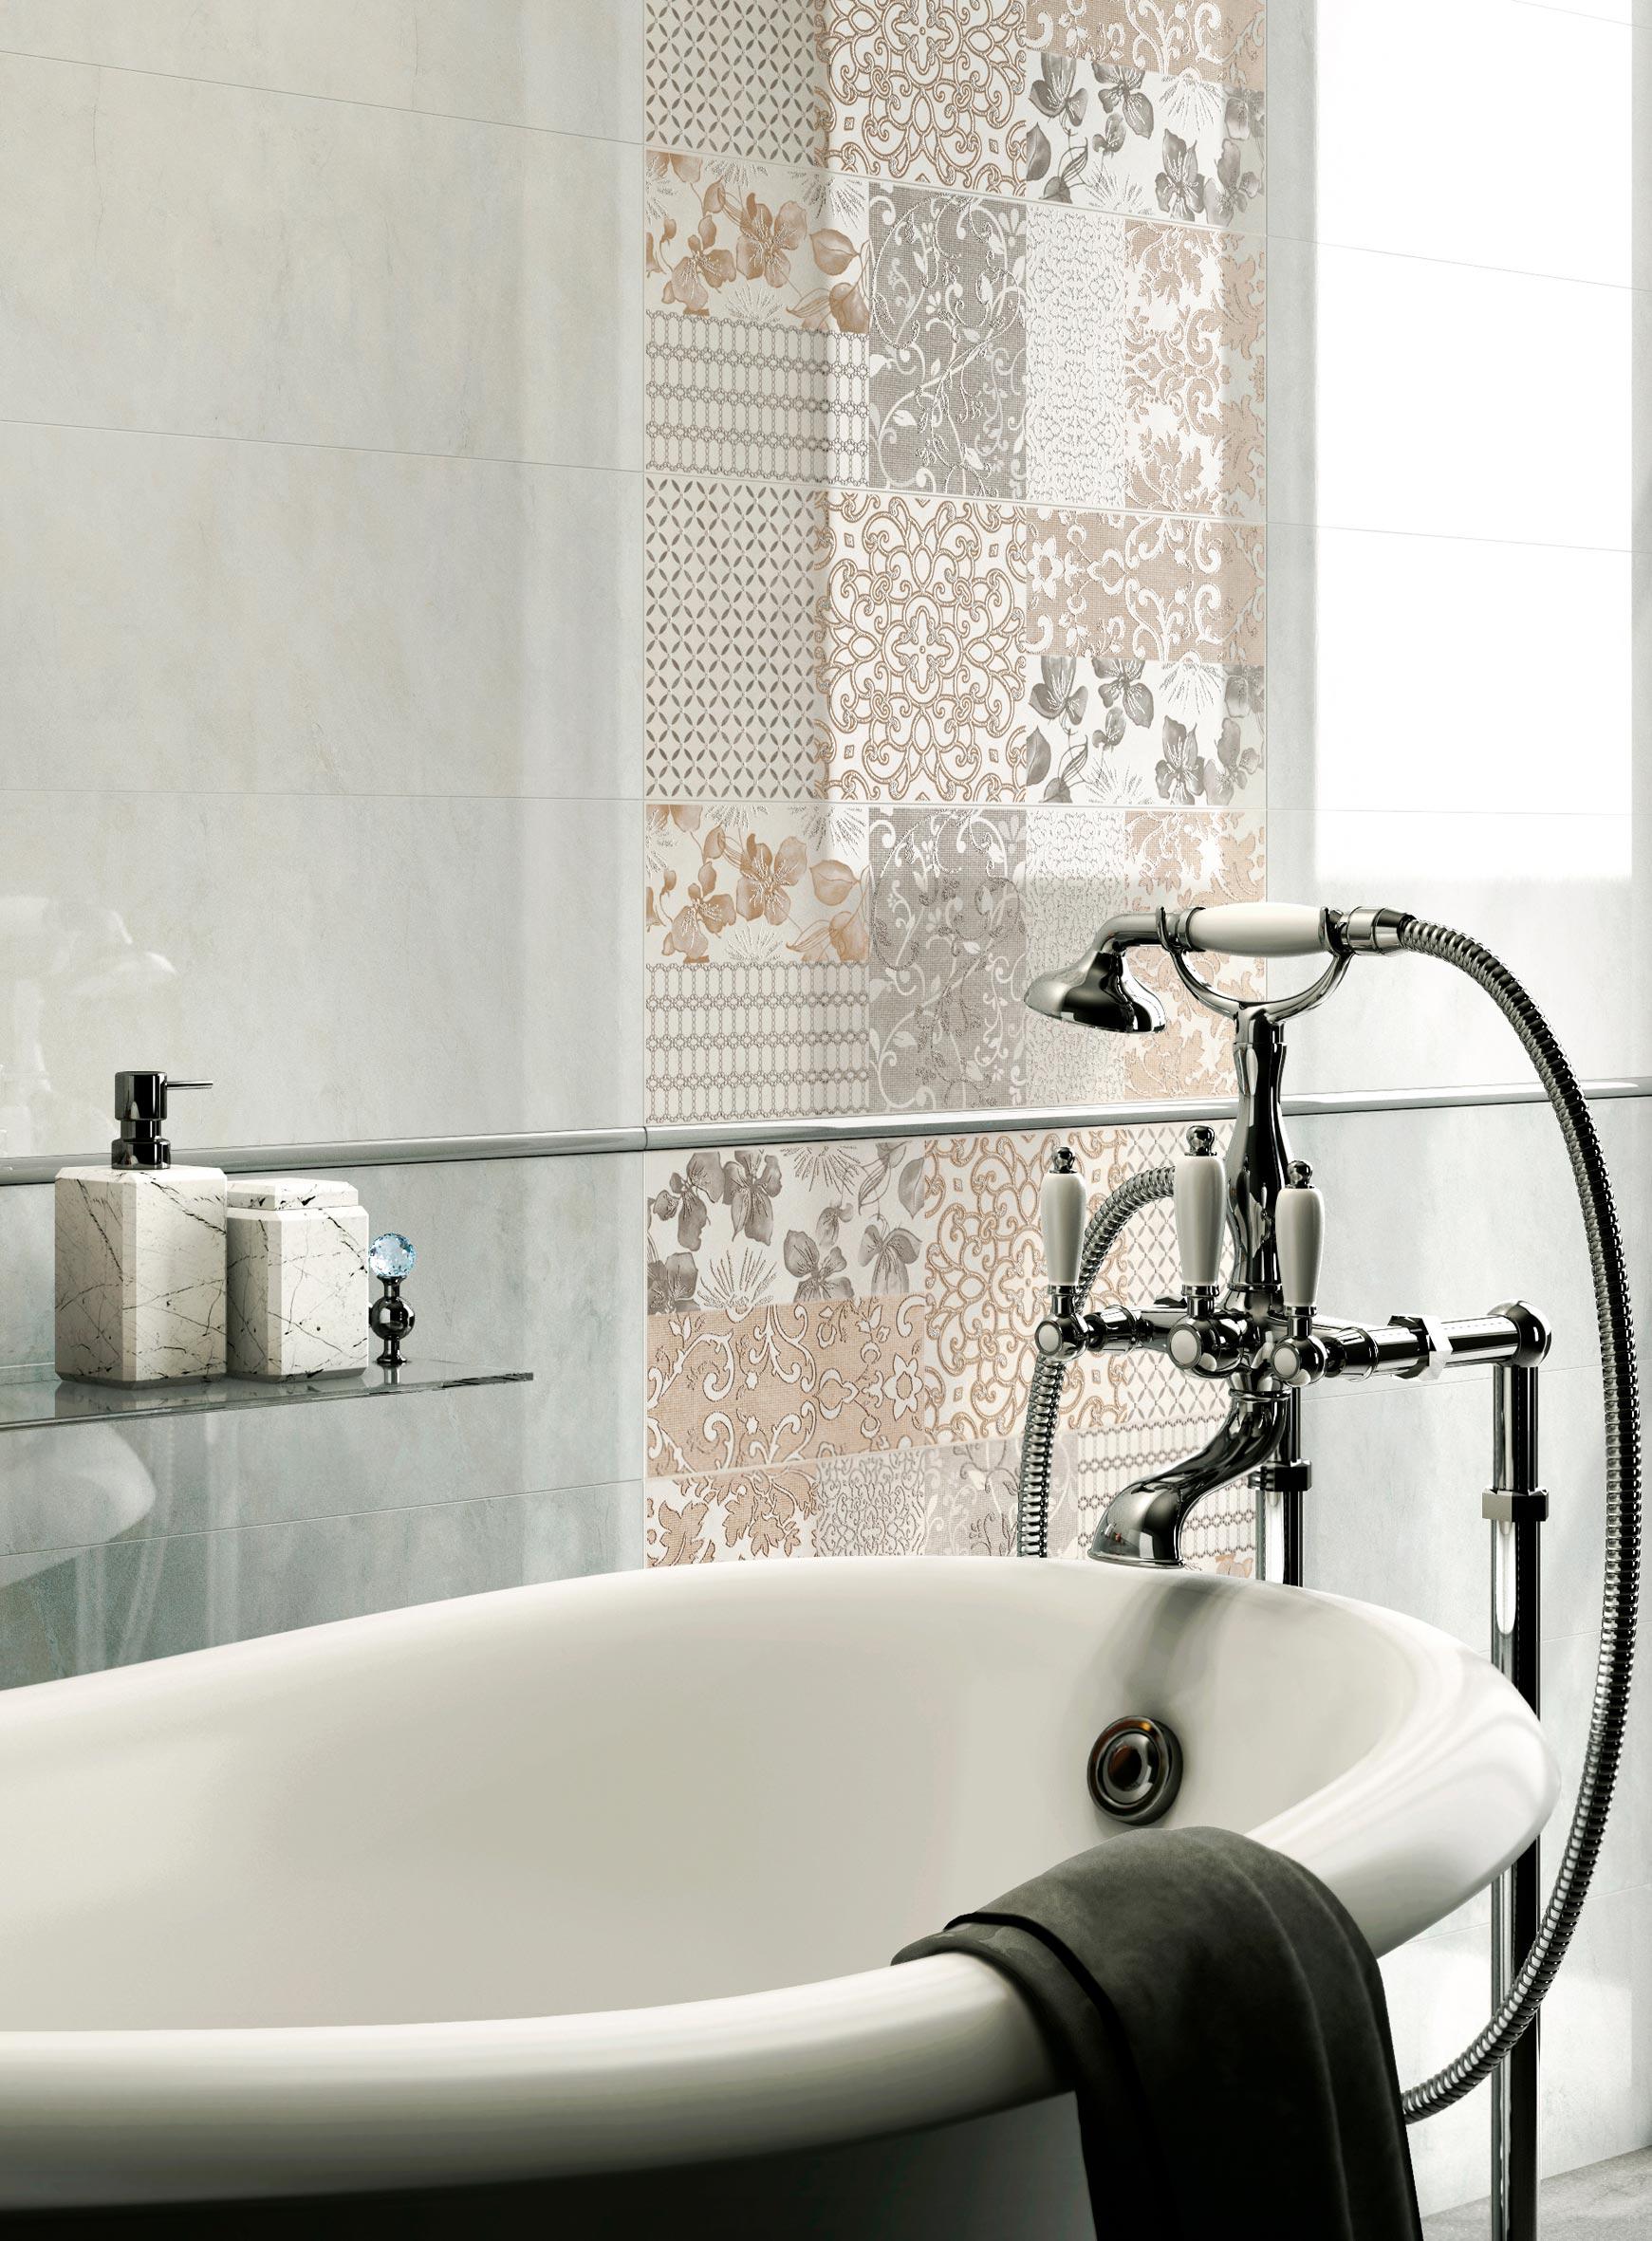 Bagni classici come creare un atmosfera lussuosa e sognante nella stanza pi intima ceramica - Piastrelle bagno damascate ...